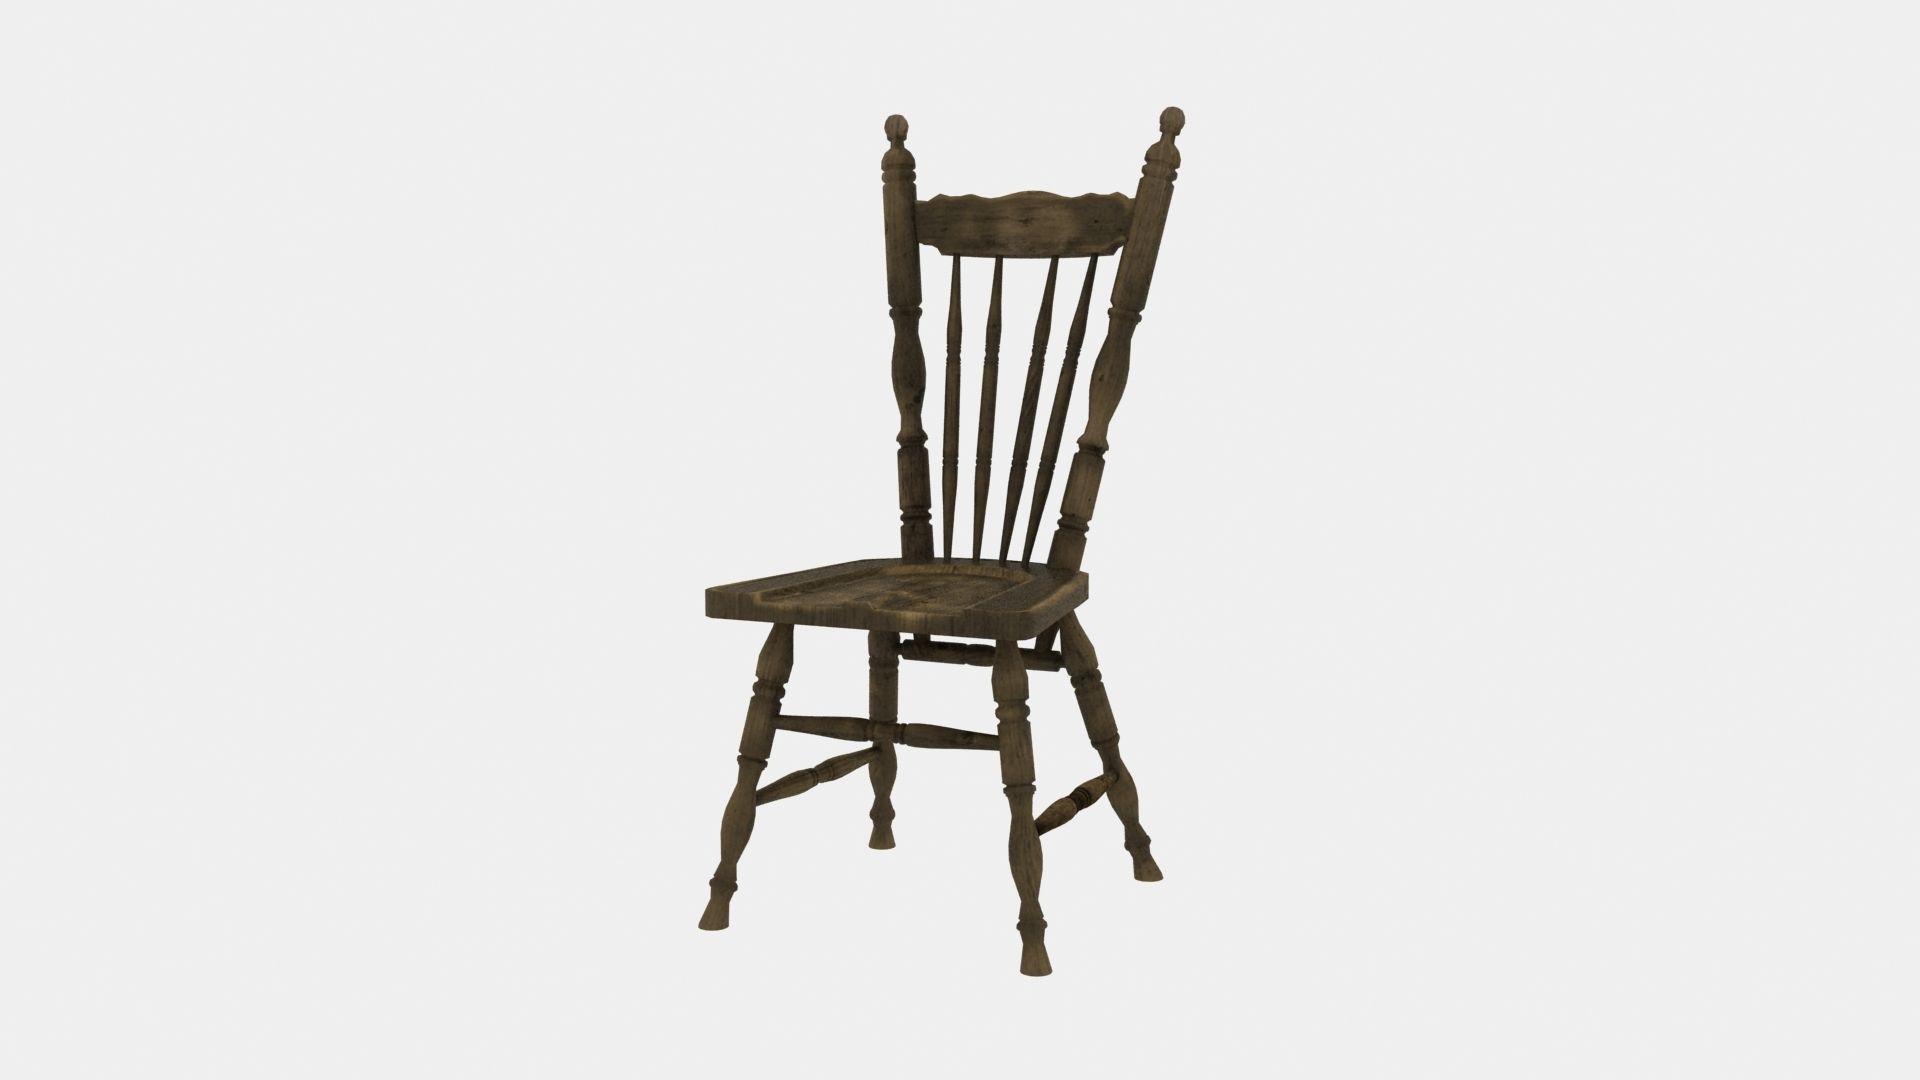 Farmhouse chair rustic